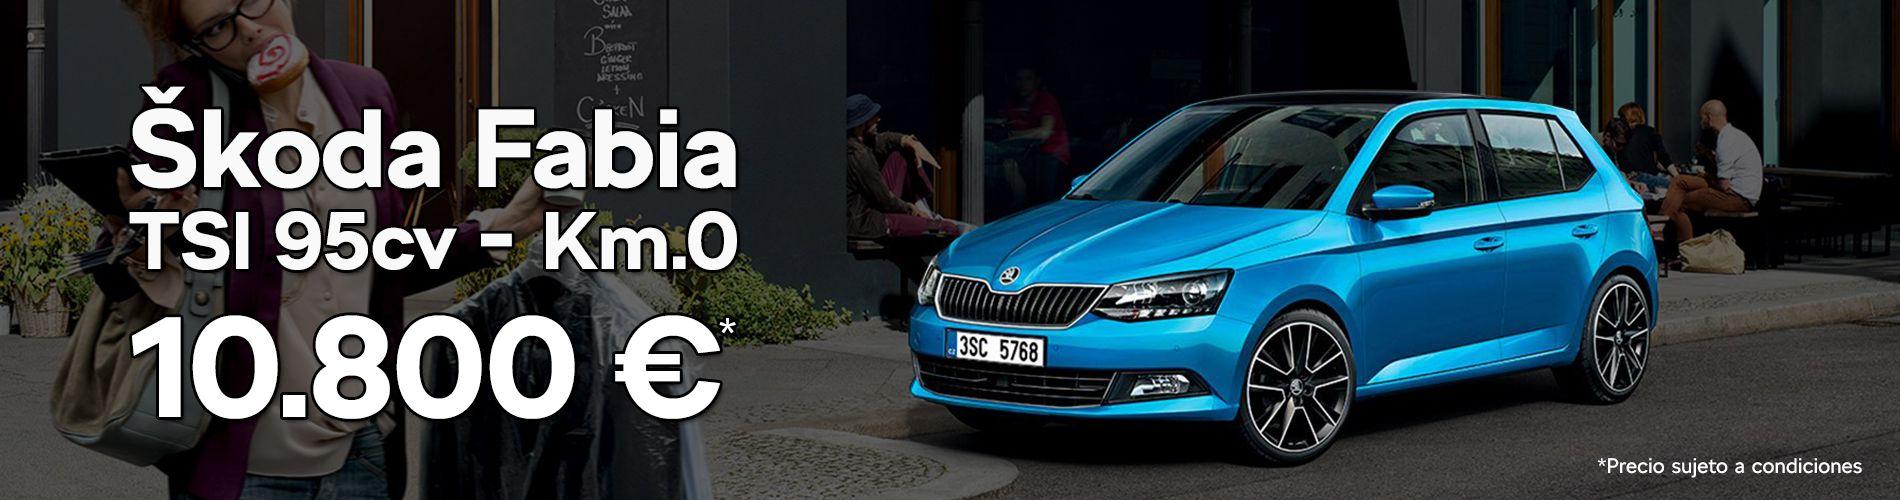 Skoda Fabia Km.0 azul